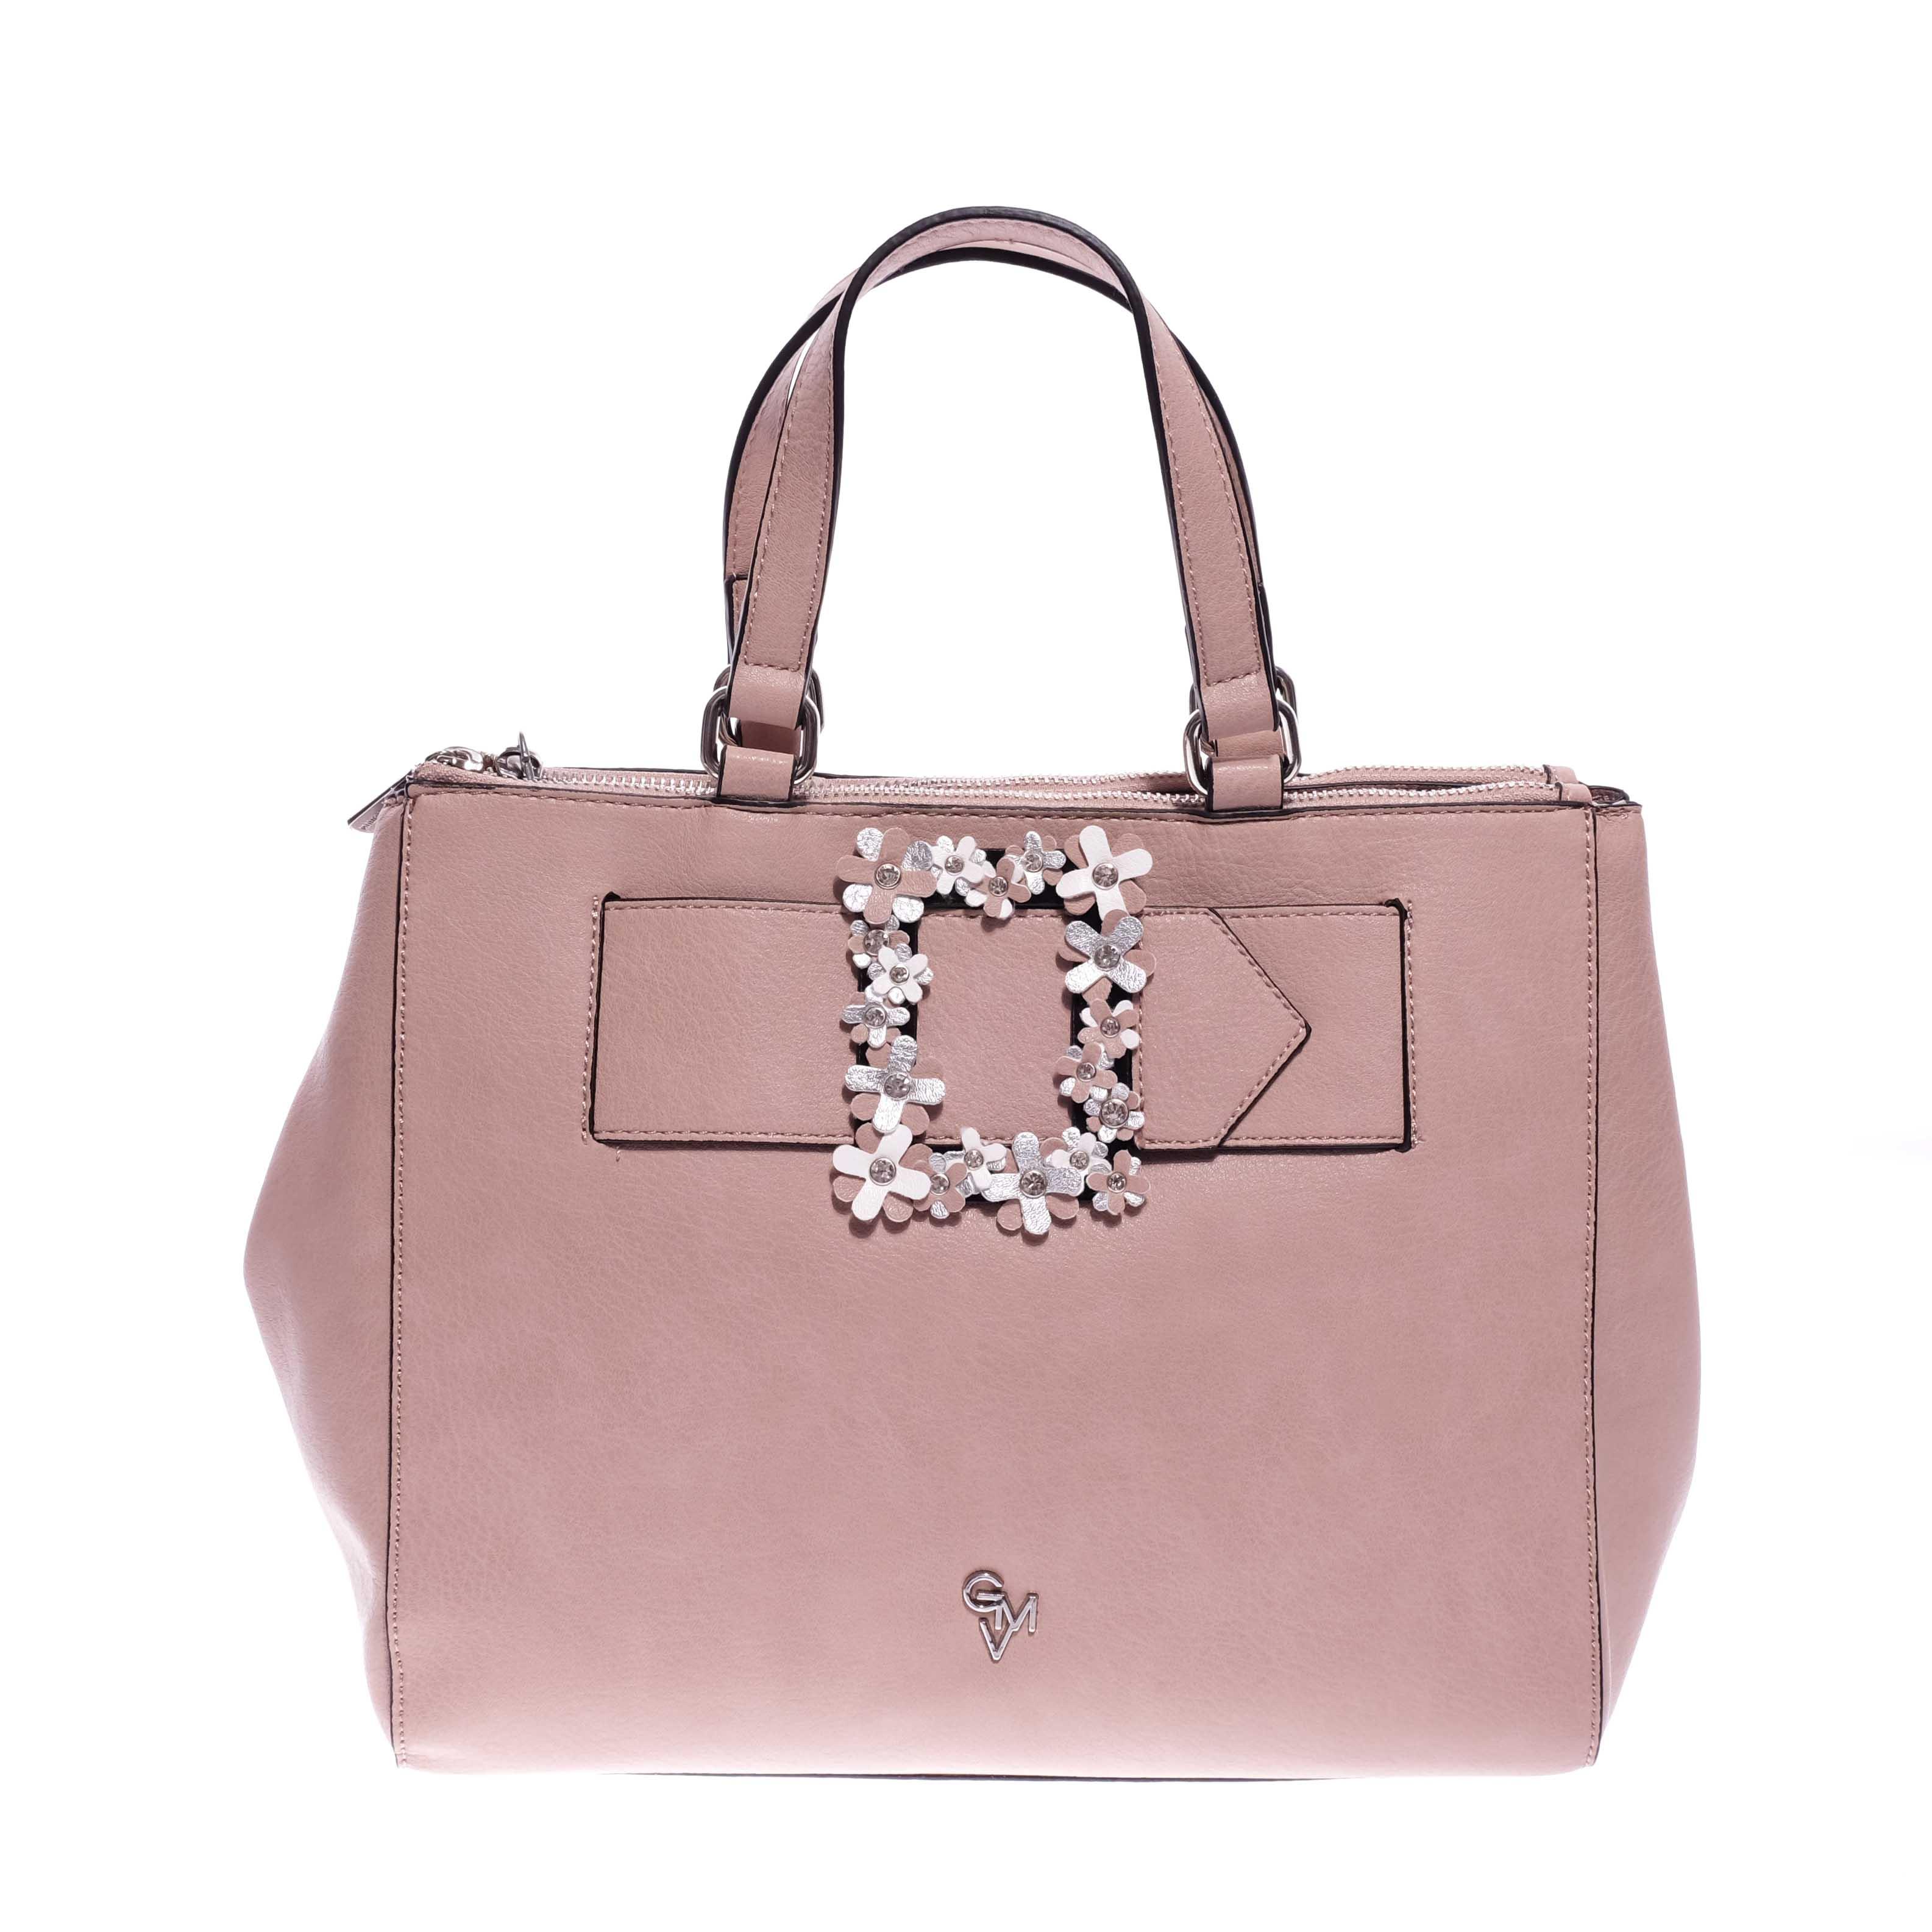 Gianmarco Venturi Világos Rózsaszín Női Rostbőr Kézitáska - Kézitáskák -  Táska webáruház - Minőségi táskák mindenkinek 45e6c9d8b4